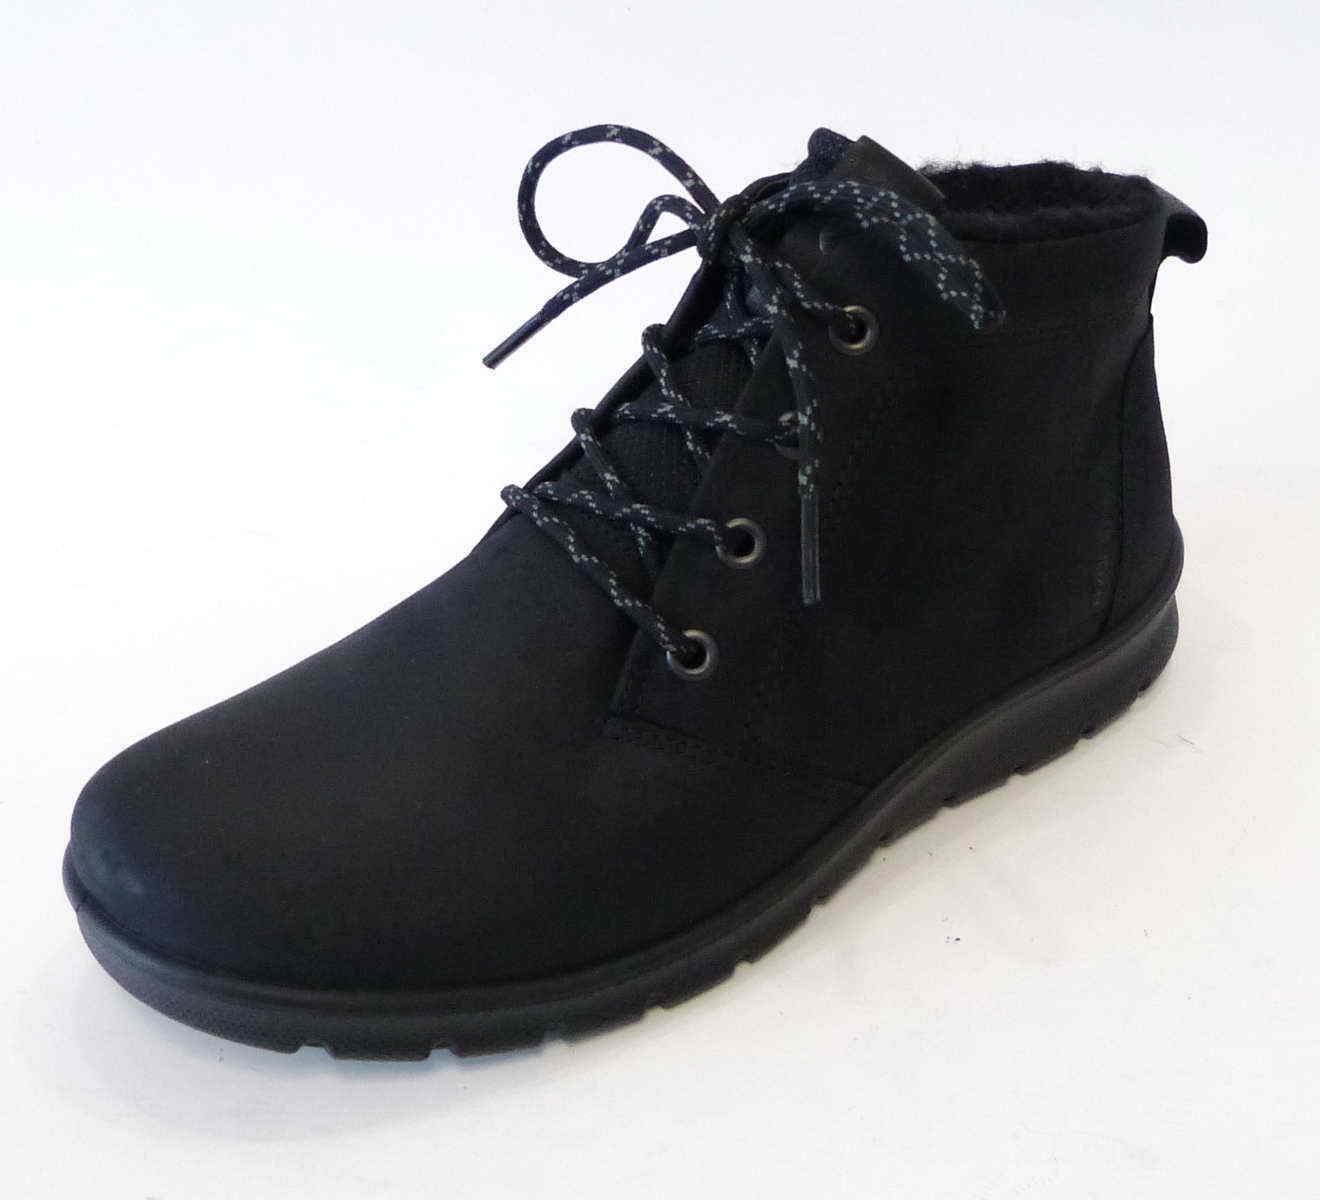 Ecco Boot Babett black Warm Leder Schnür Einlage 215613 12001